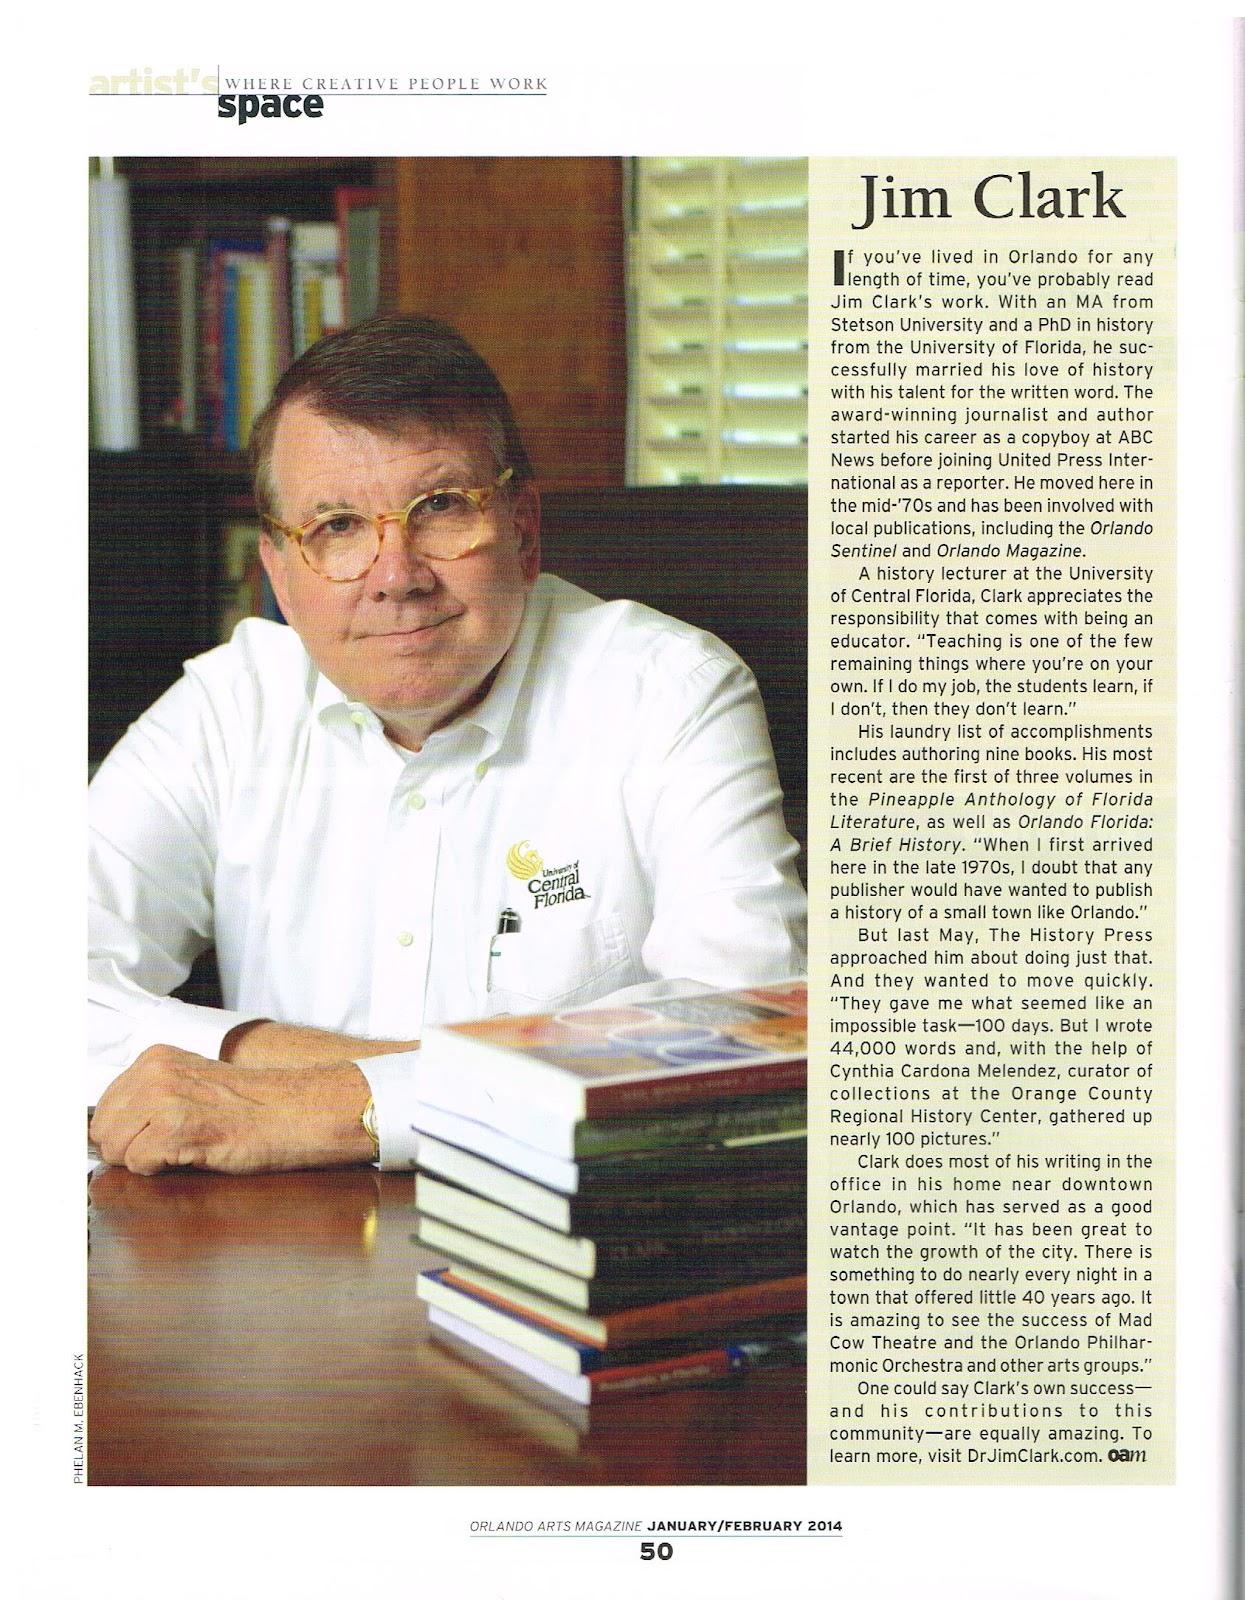 Jim_Clark_001.jpg